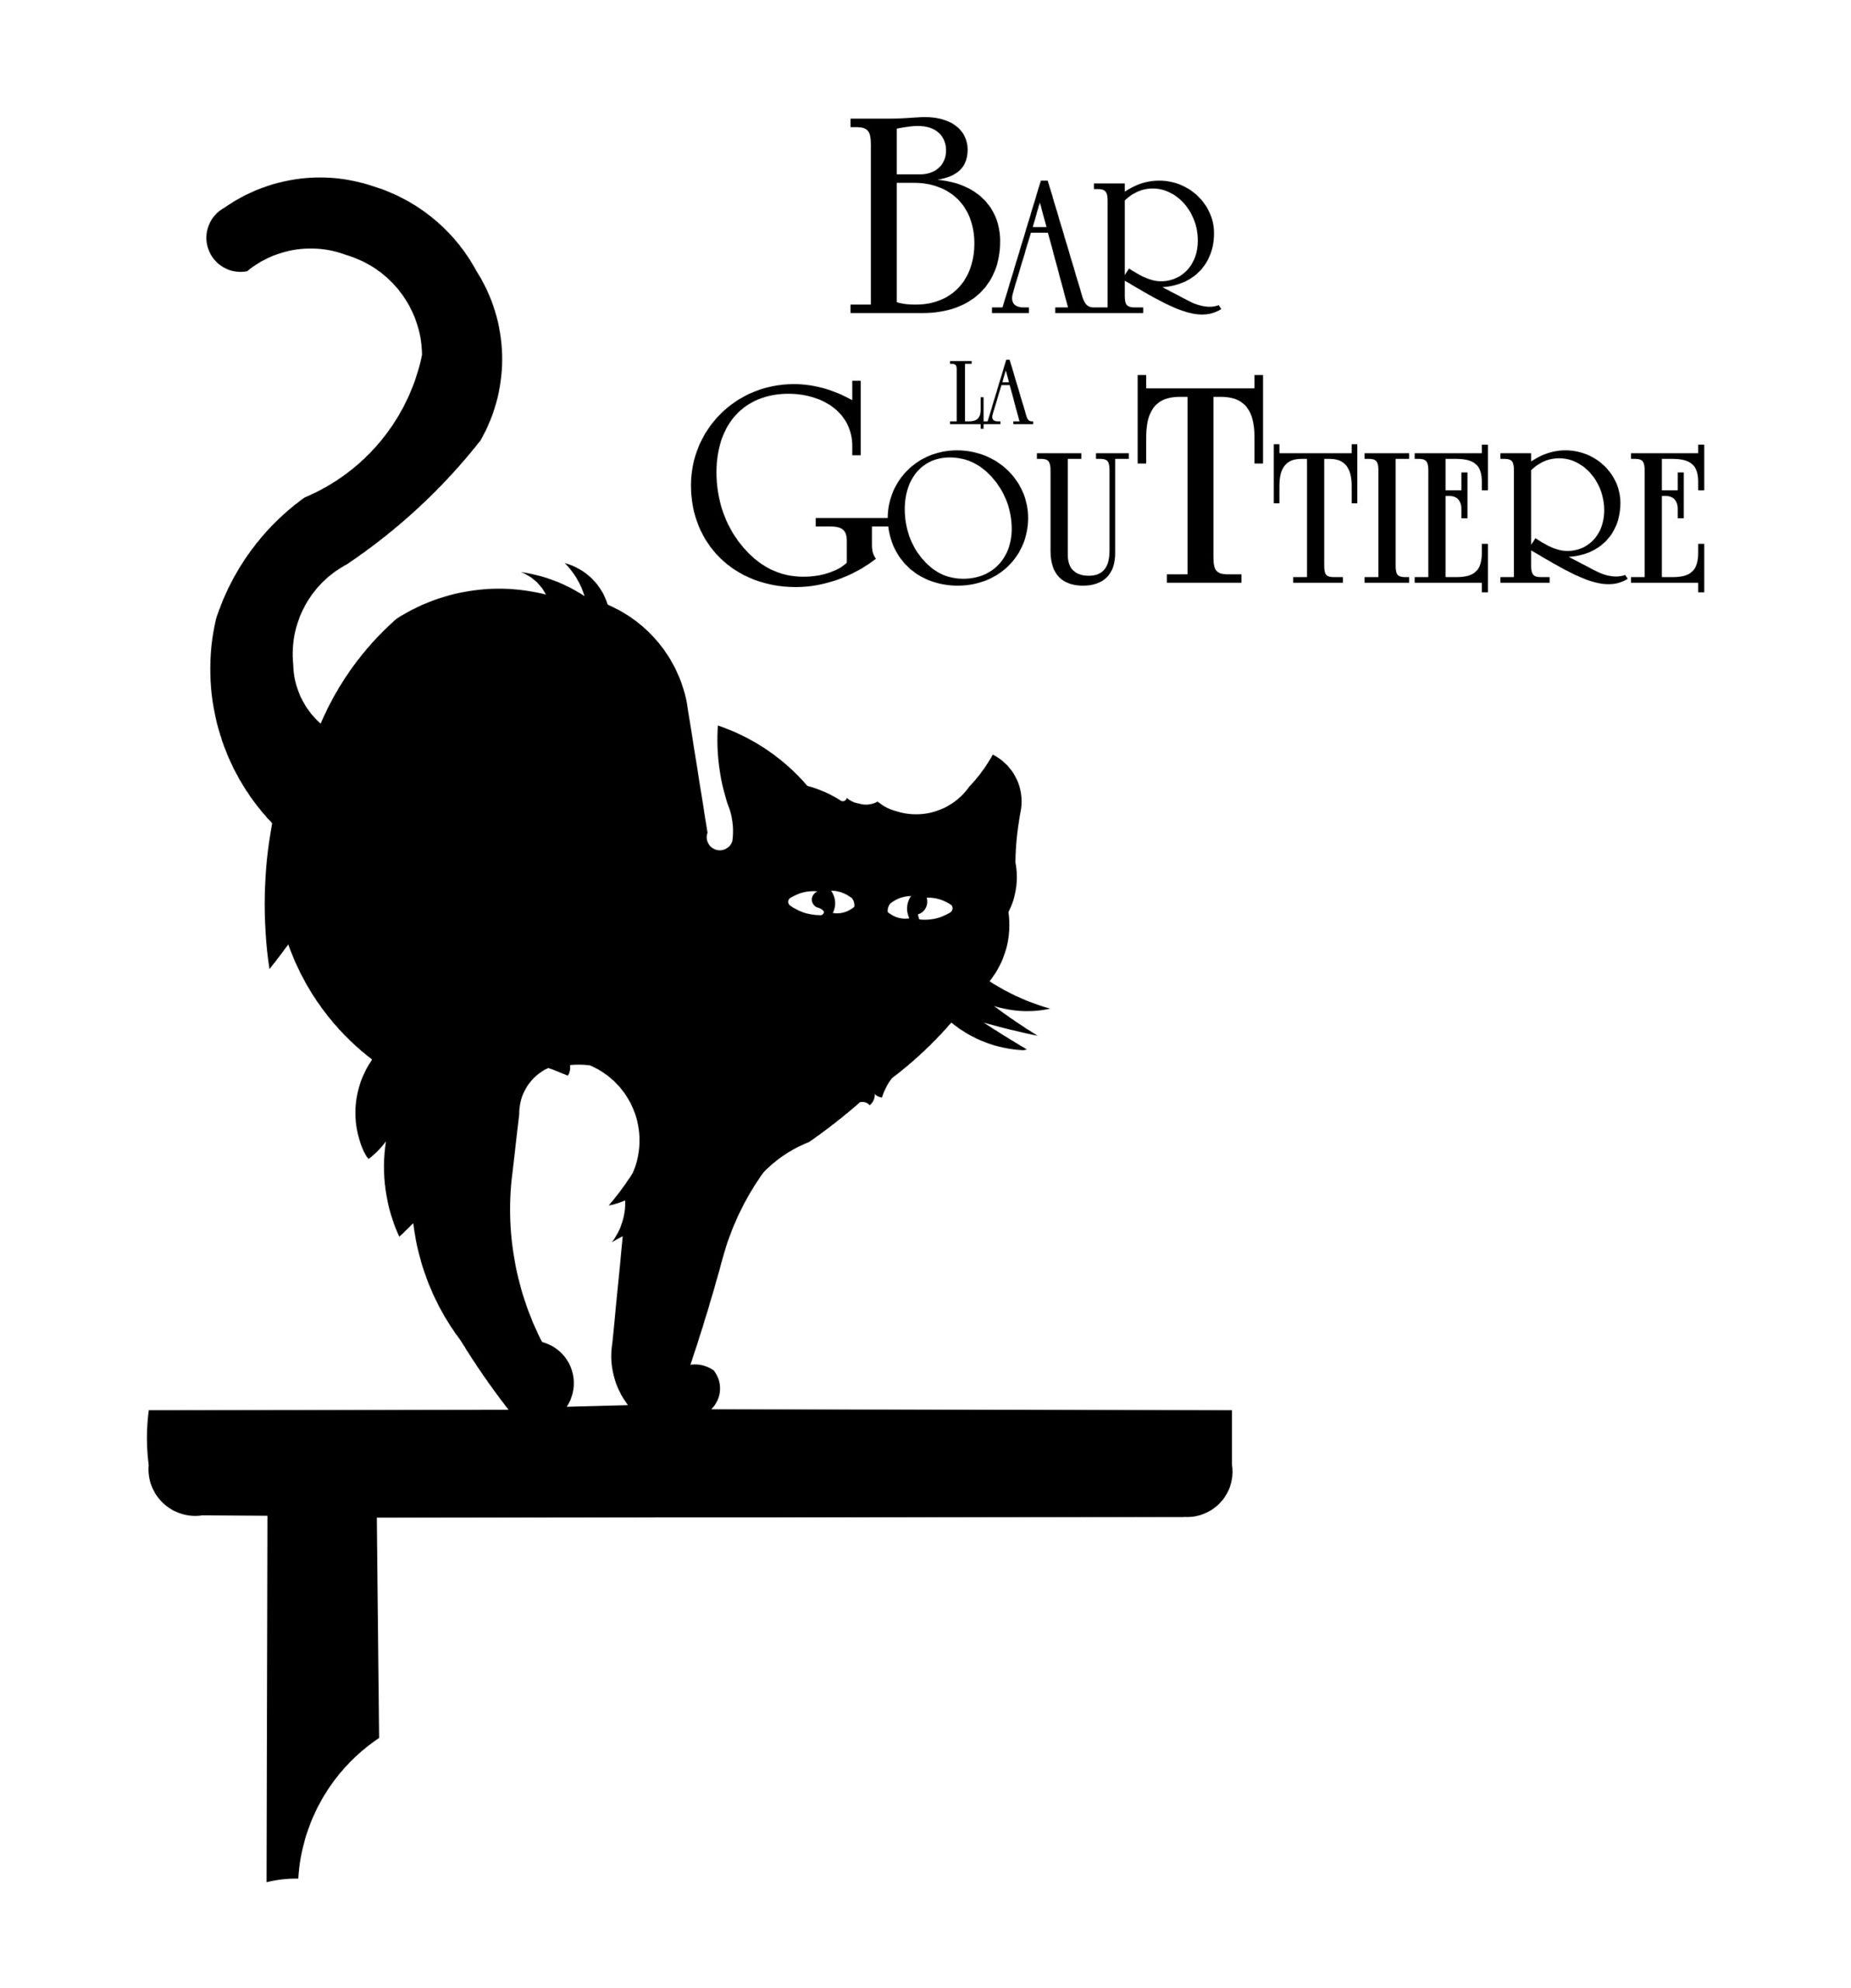 Bar La Gouttière